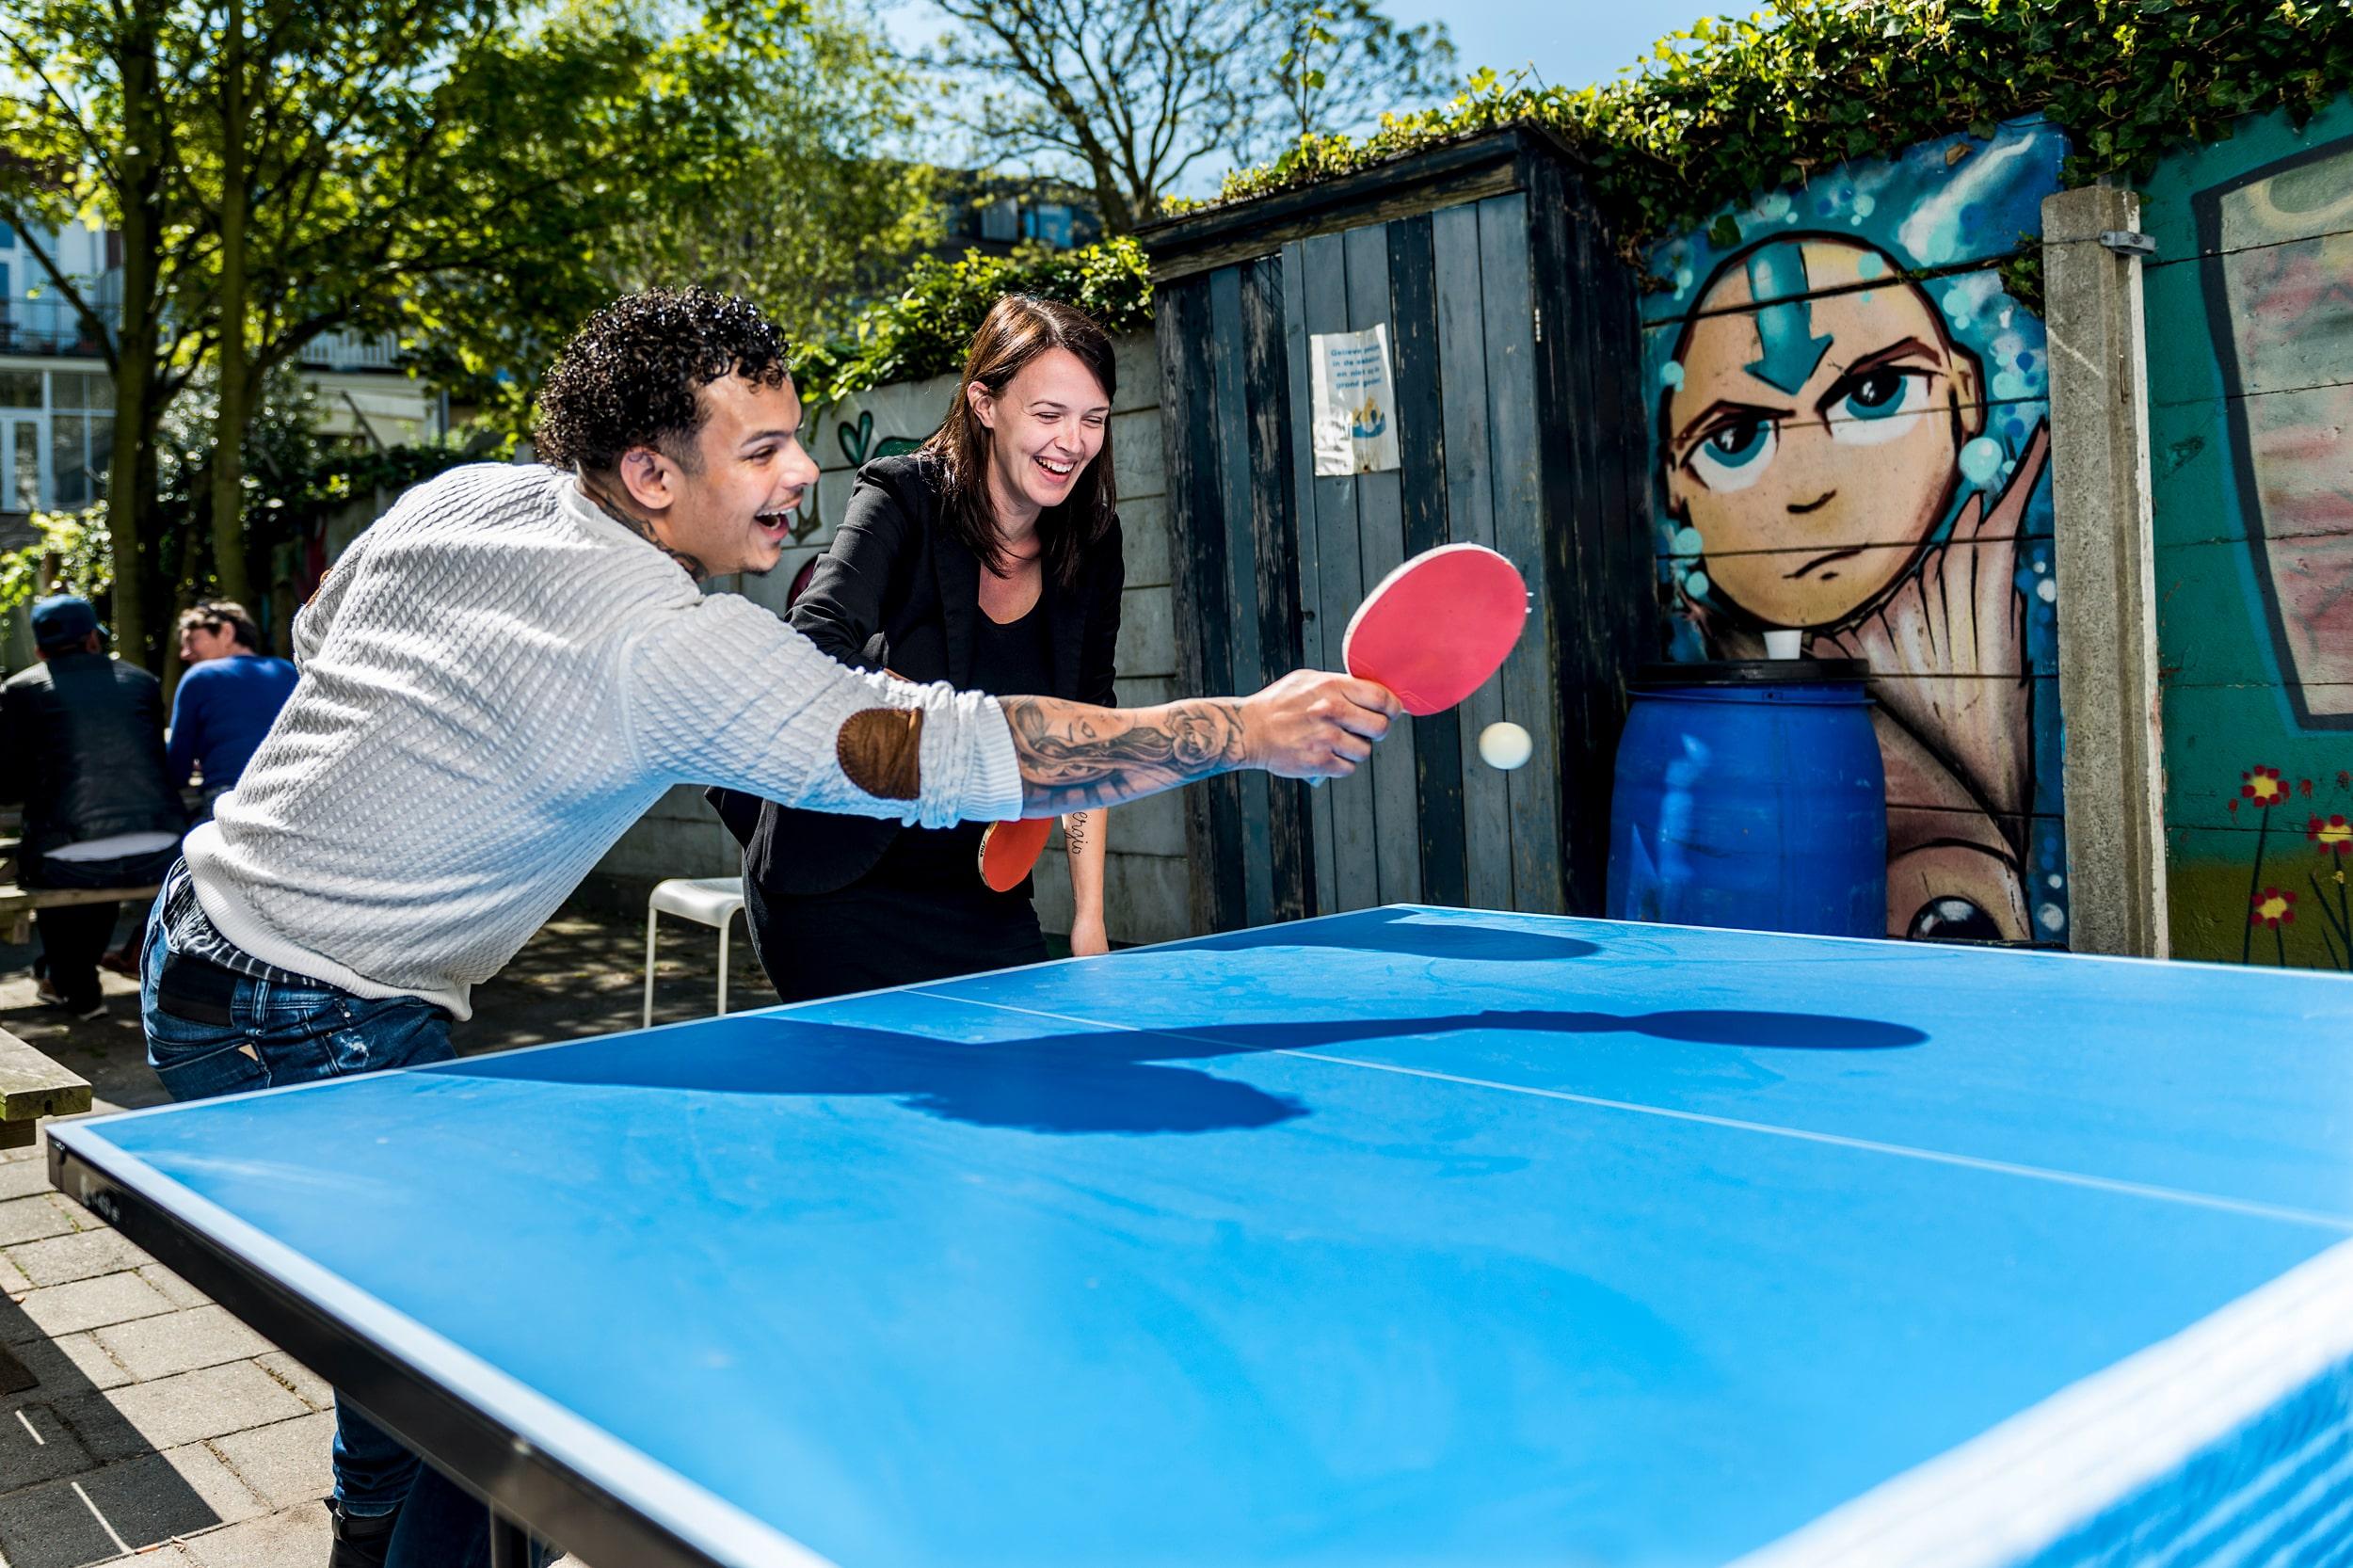 Campagne portret Sergio en Esmee die tafeltennis spelen bij de Haagse Zaak. In opdracht van Parnassia Reakt.